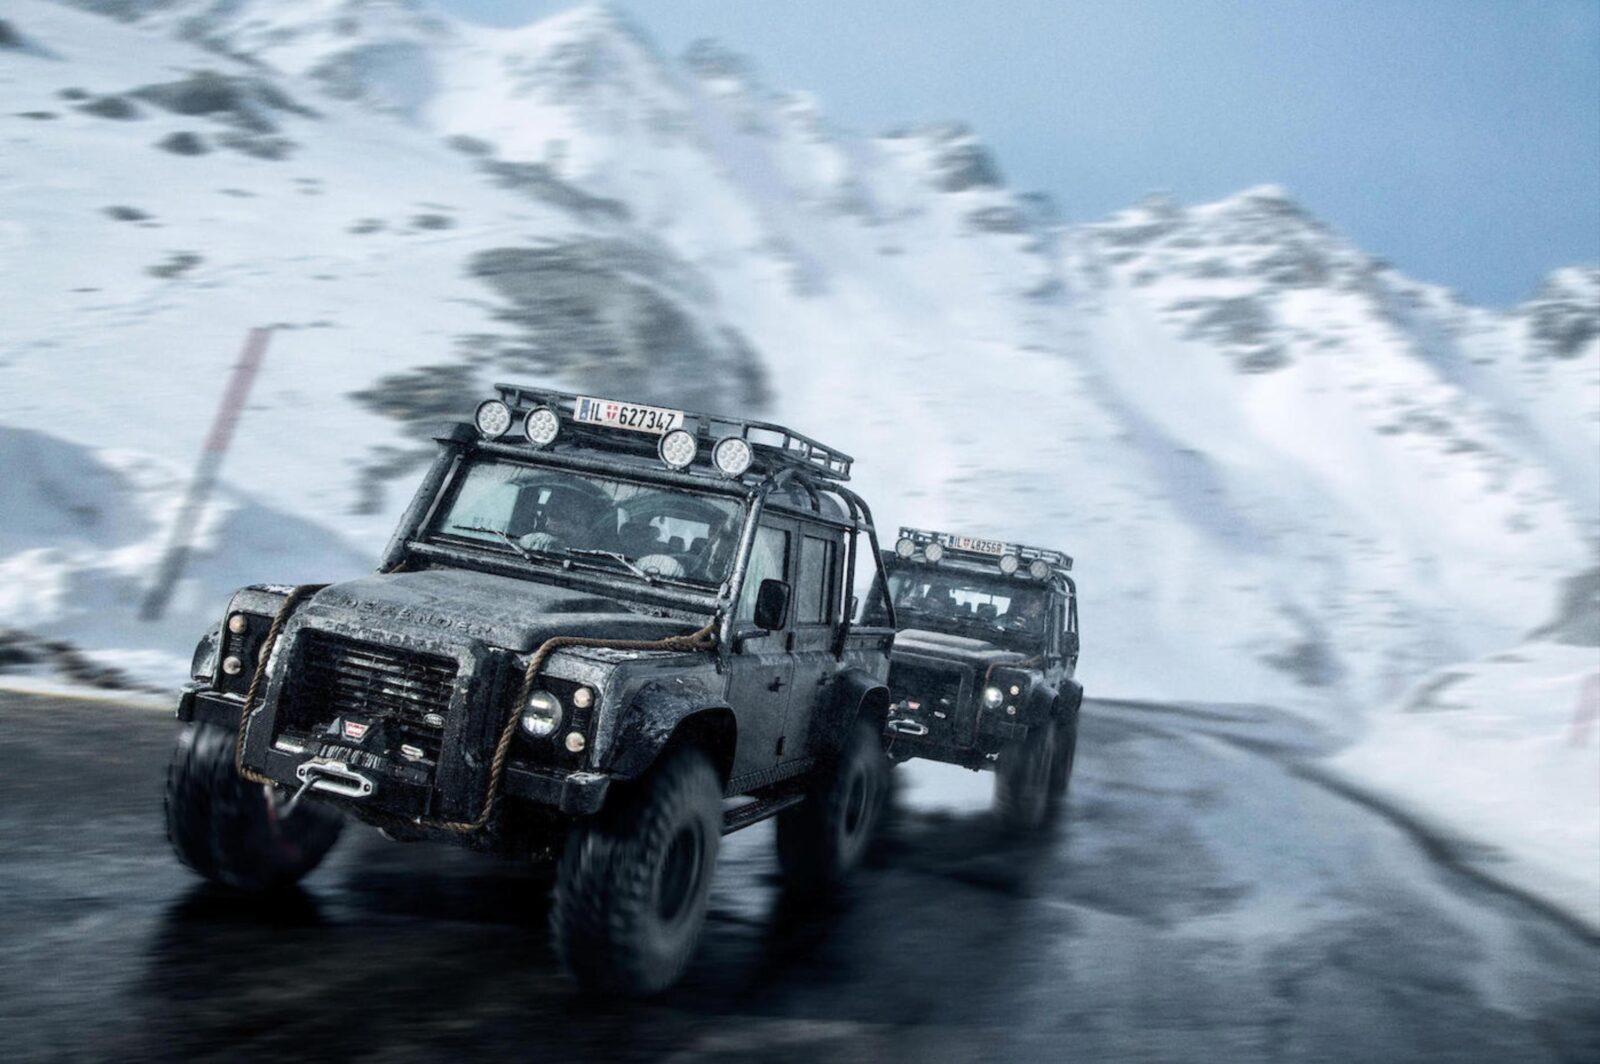 James Bond Land Rover Defender